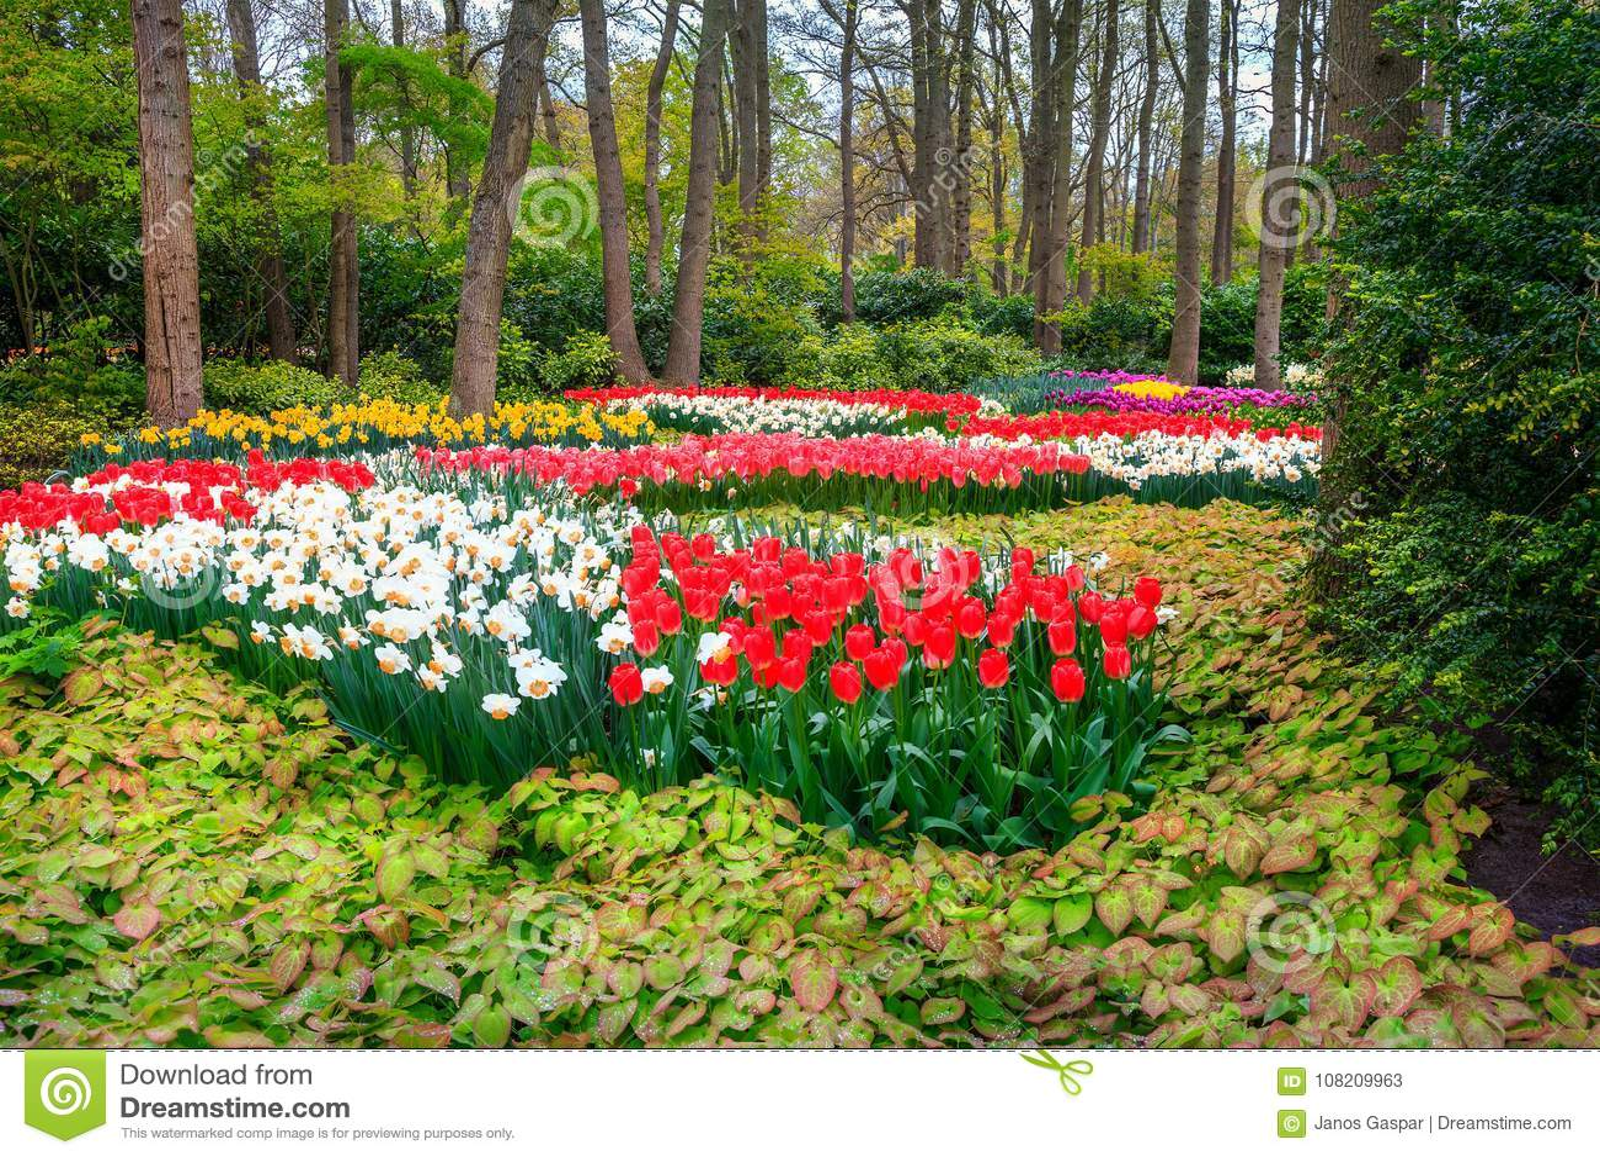 fresh blooming tulips in spring flower garden, keukenhof park